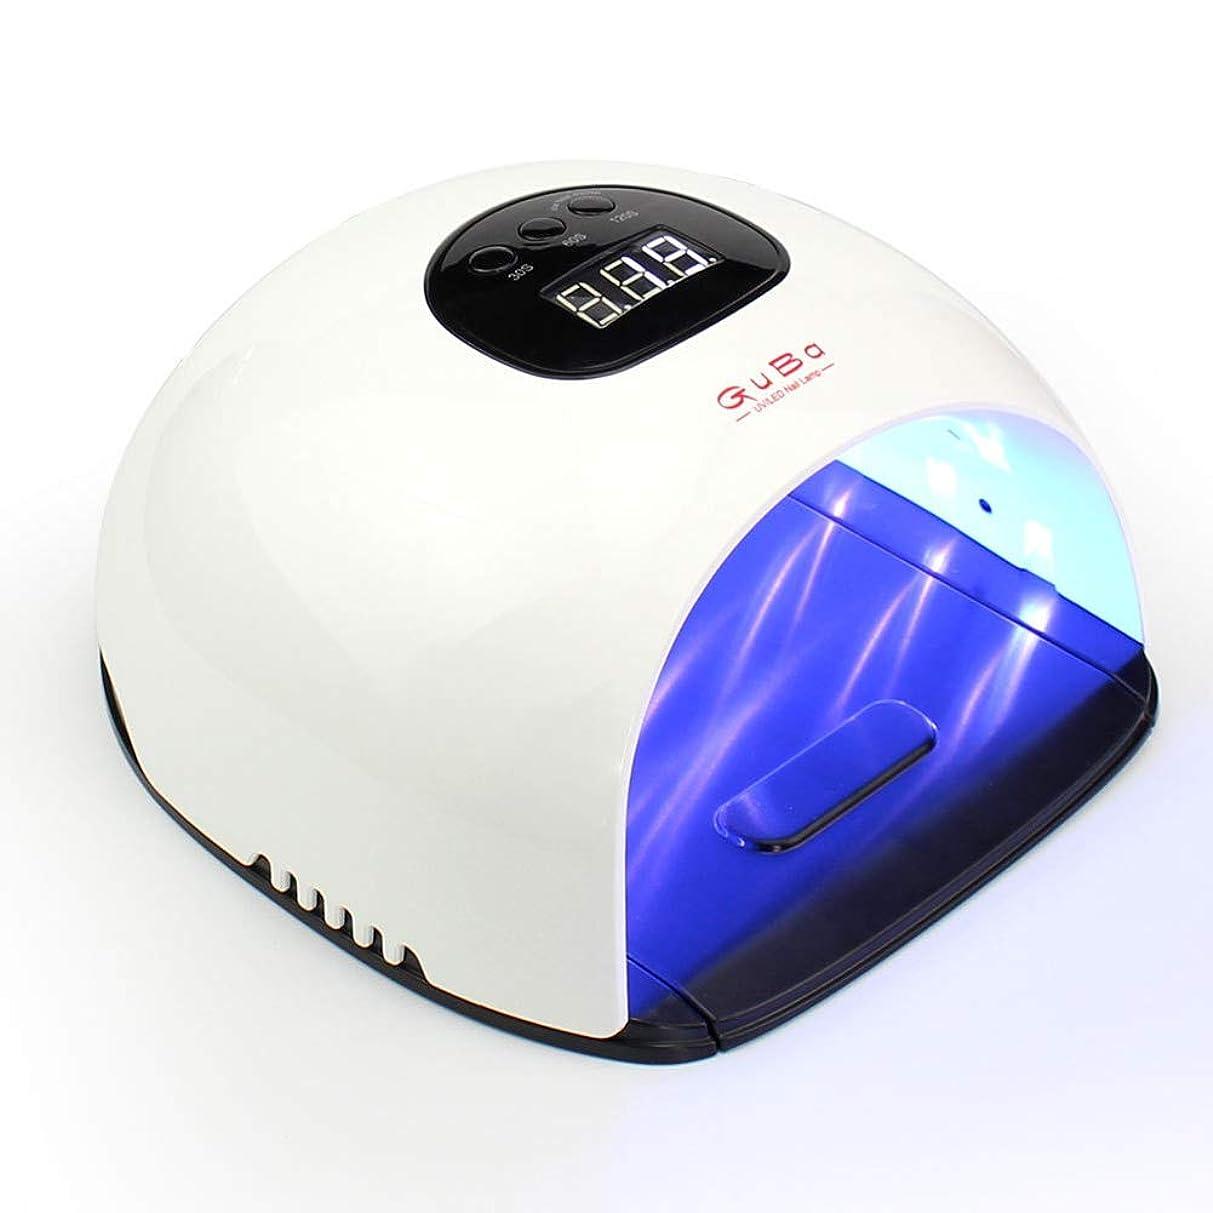 サッカーブラストいちゃつくネイルドライヤー - LEDマシン光線療法ネイルマシン48Wマルチタイムタイミング無痛モード36ランプビーズデジタル表示高速乾燥機